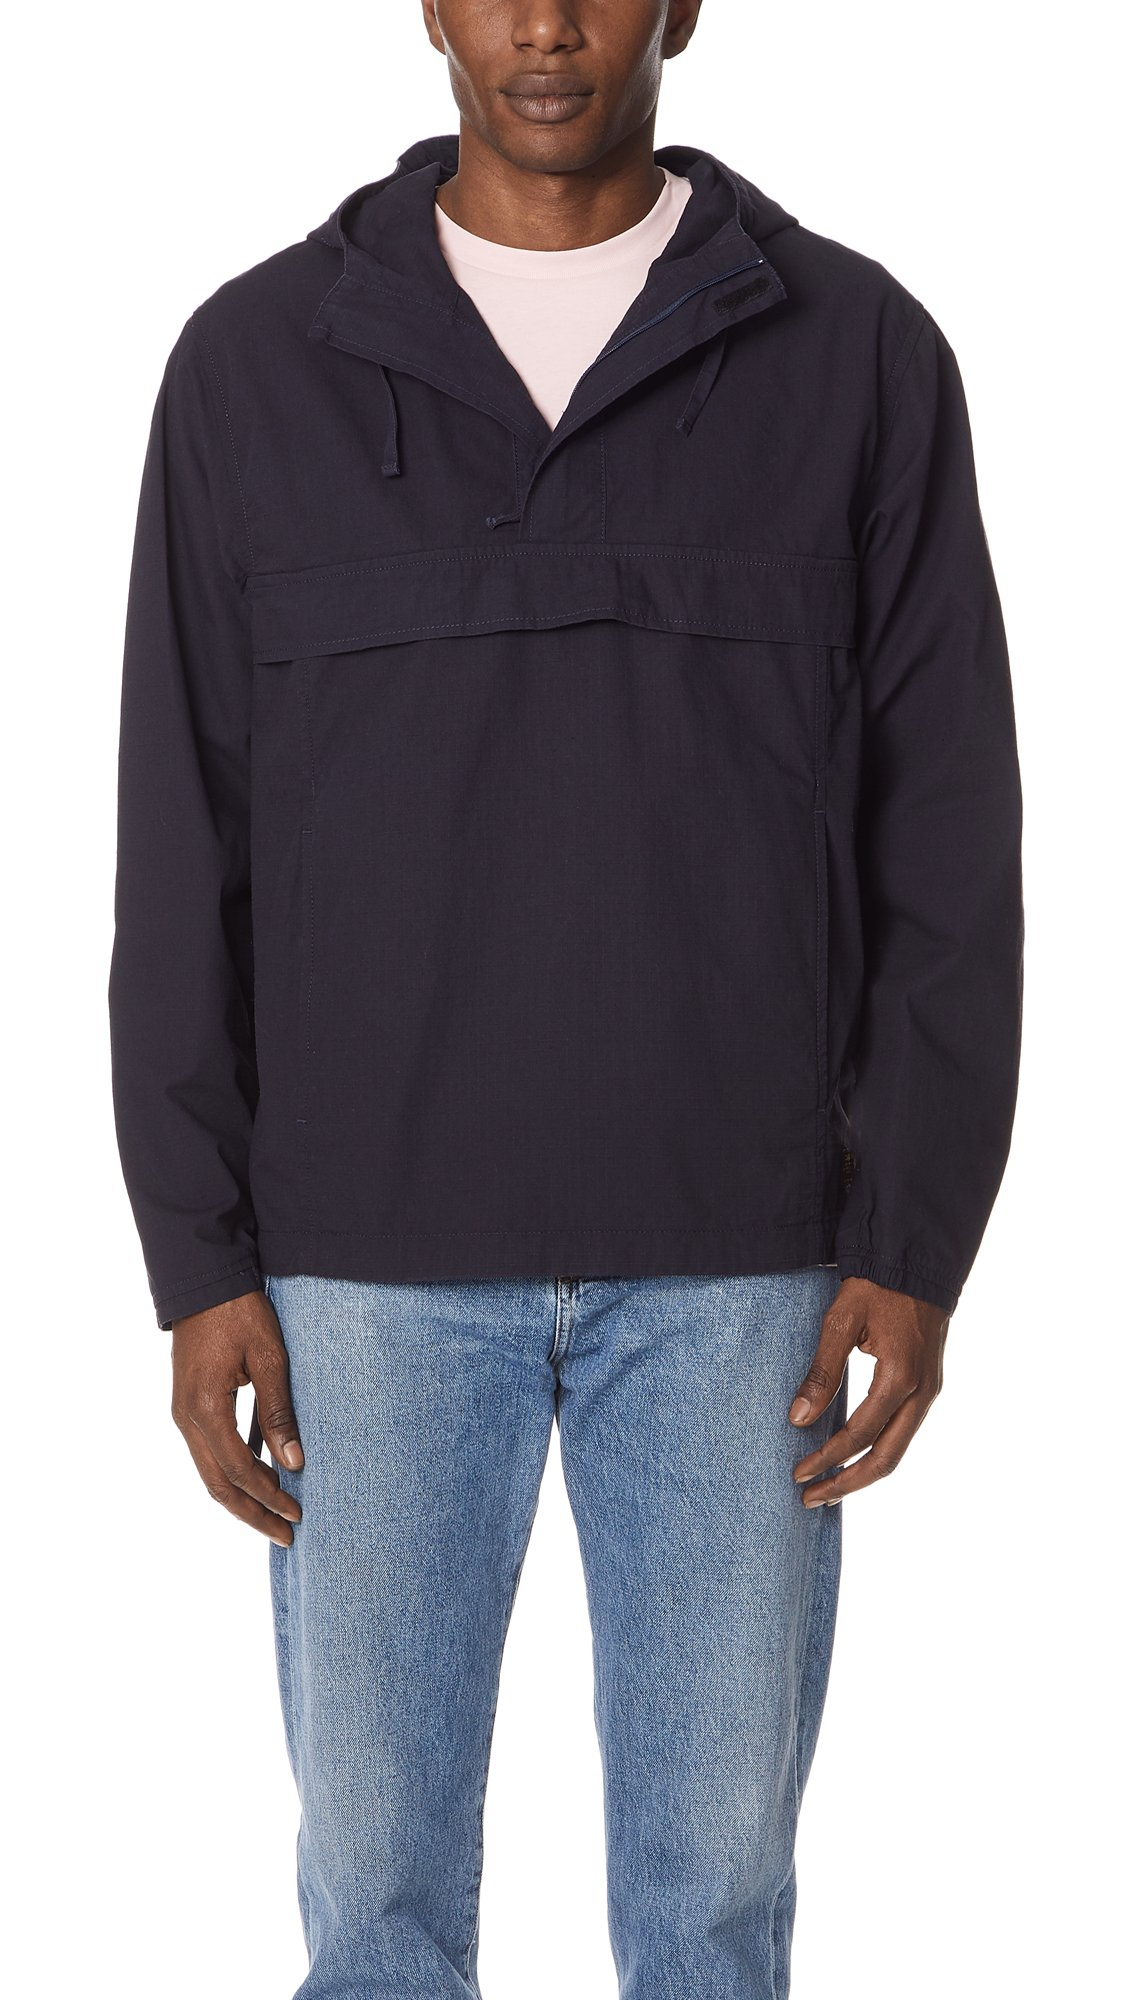 Carhartt WIP Men's Vega Pullover Jacket, Dark Navy, Small by Carhartt